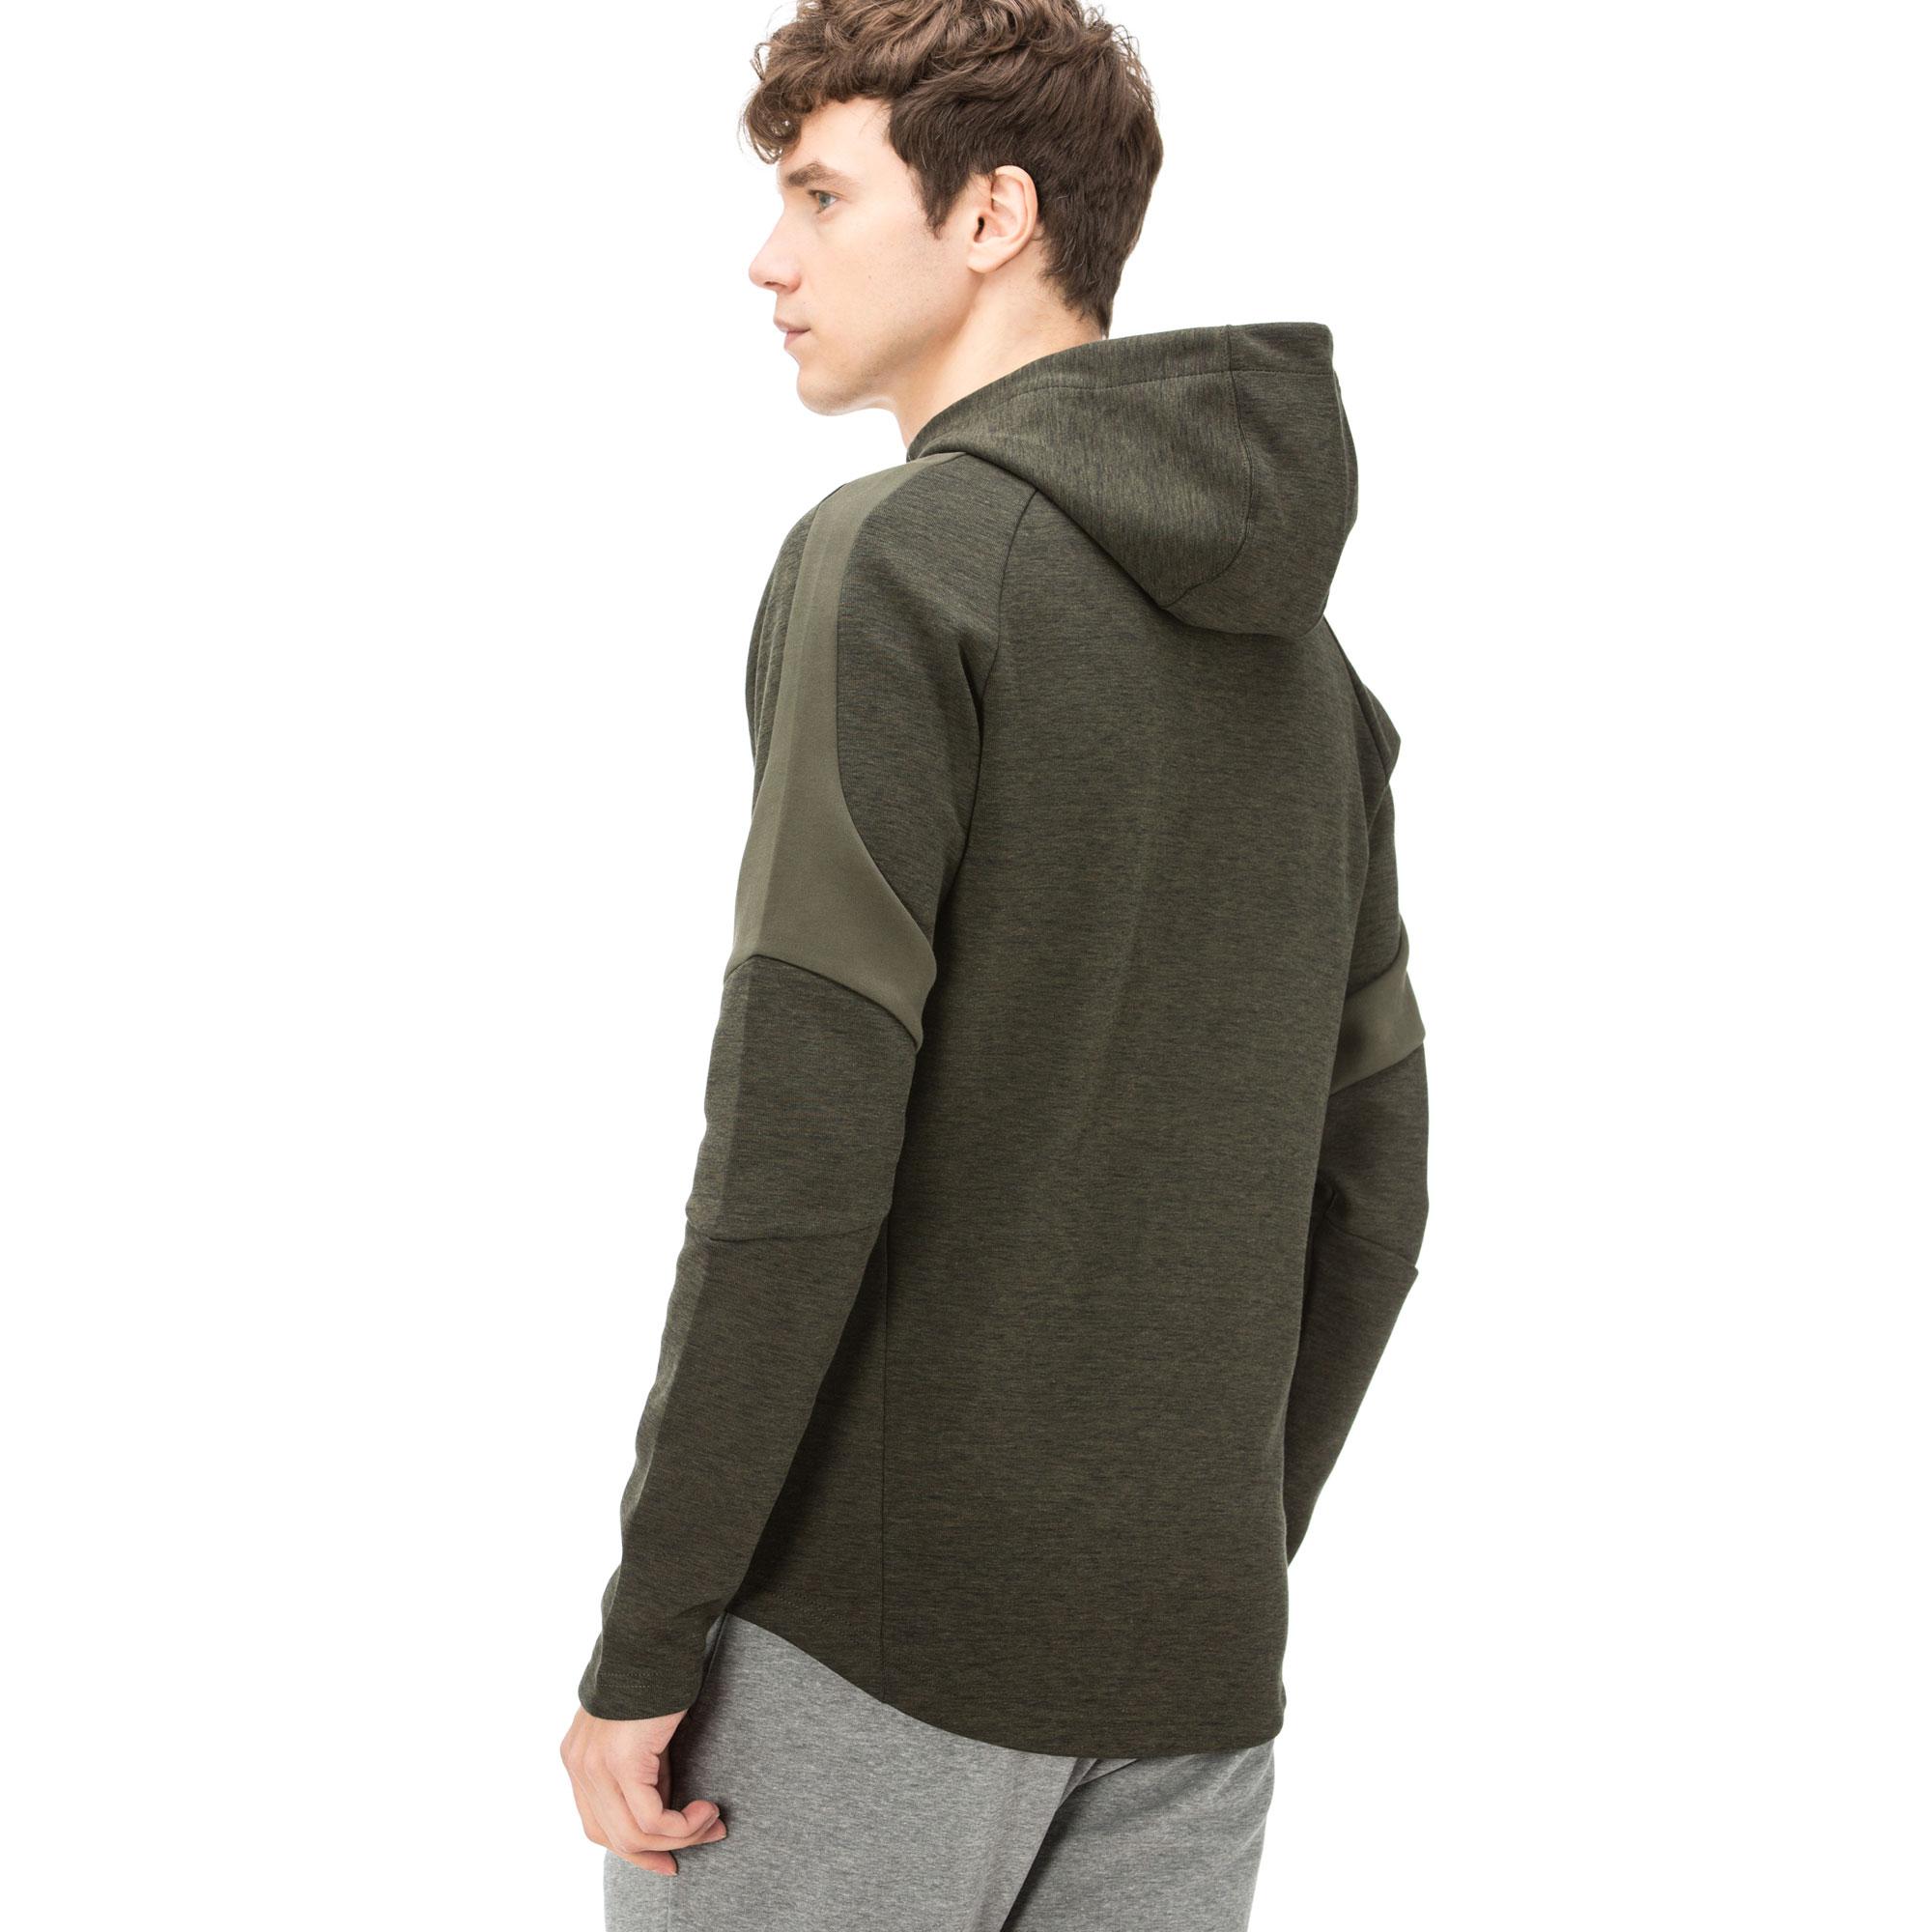 Puma Evostripe Erkek Yeşil Kapüşonlu Fermuarlı Sweatshirt